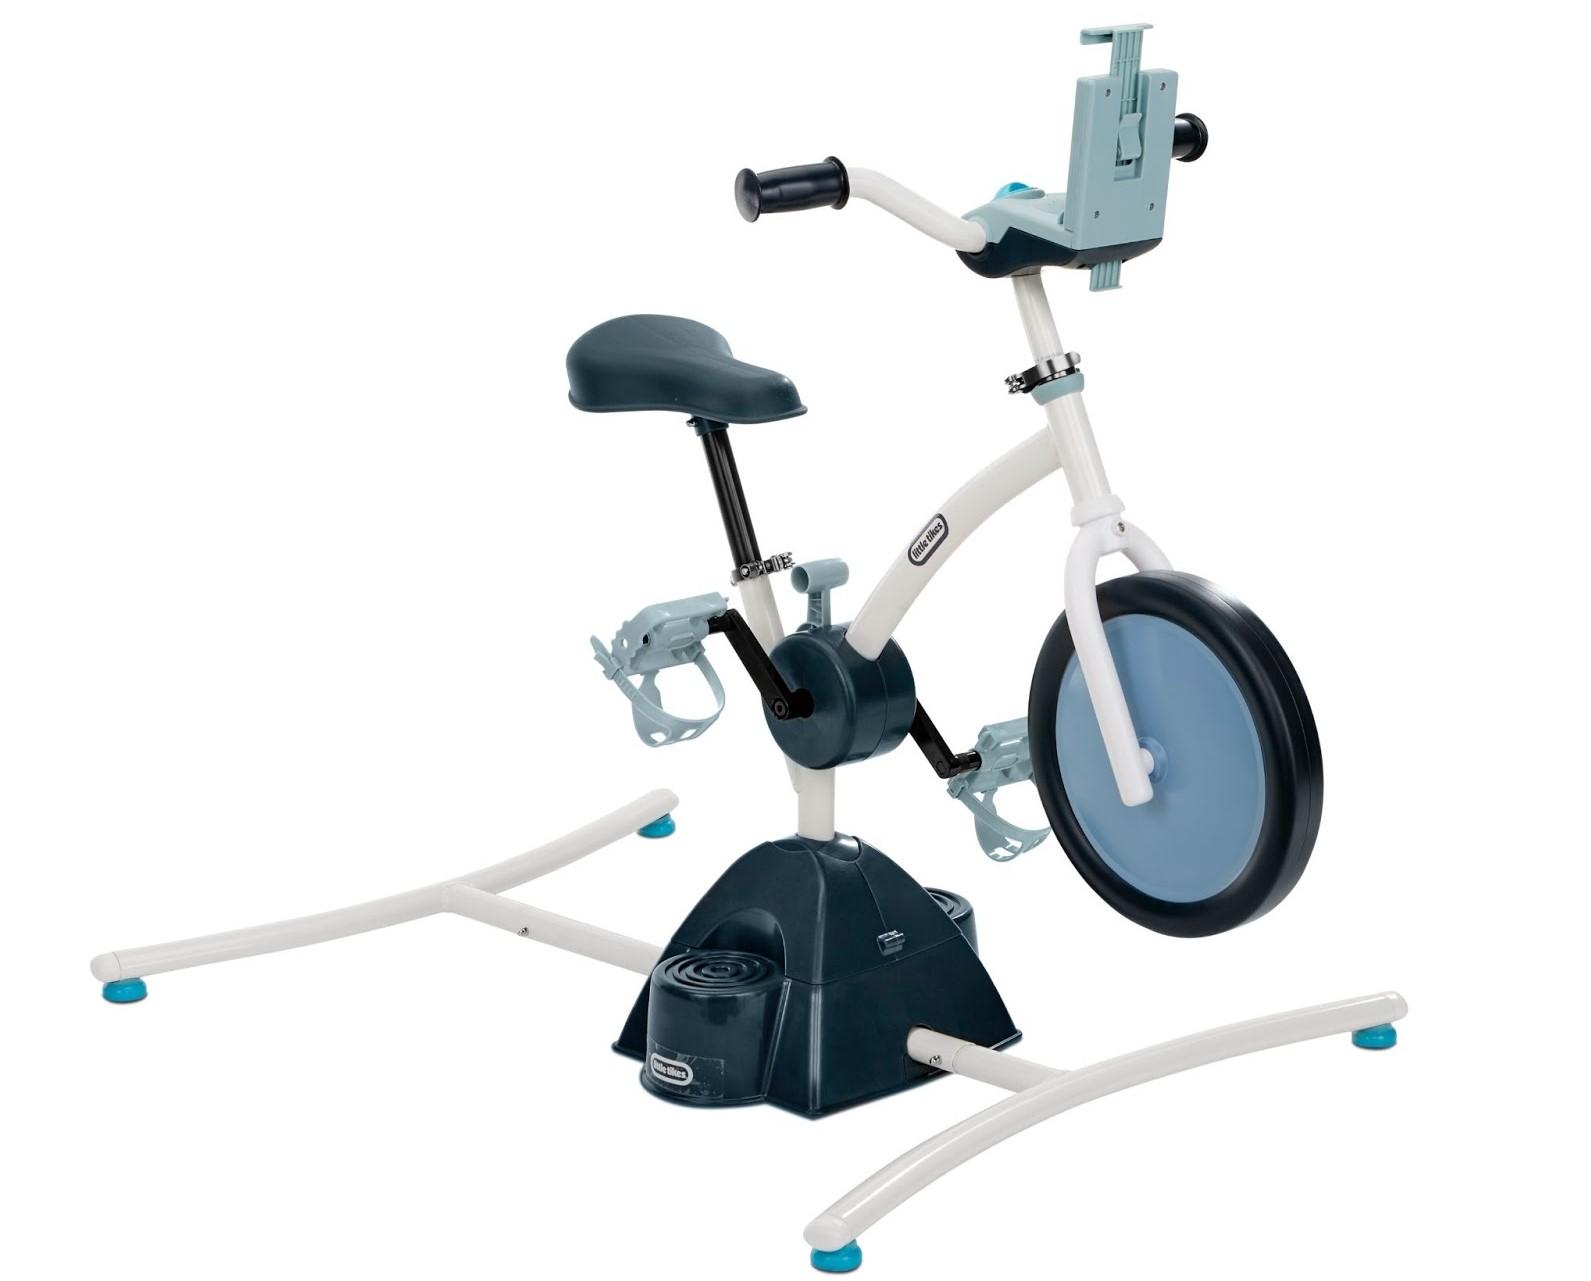 Little Tikes, çocuklar için Peloton tarzı bir sabit bisiklet yaptı | Engadget